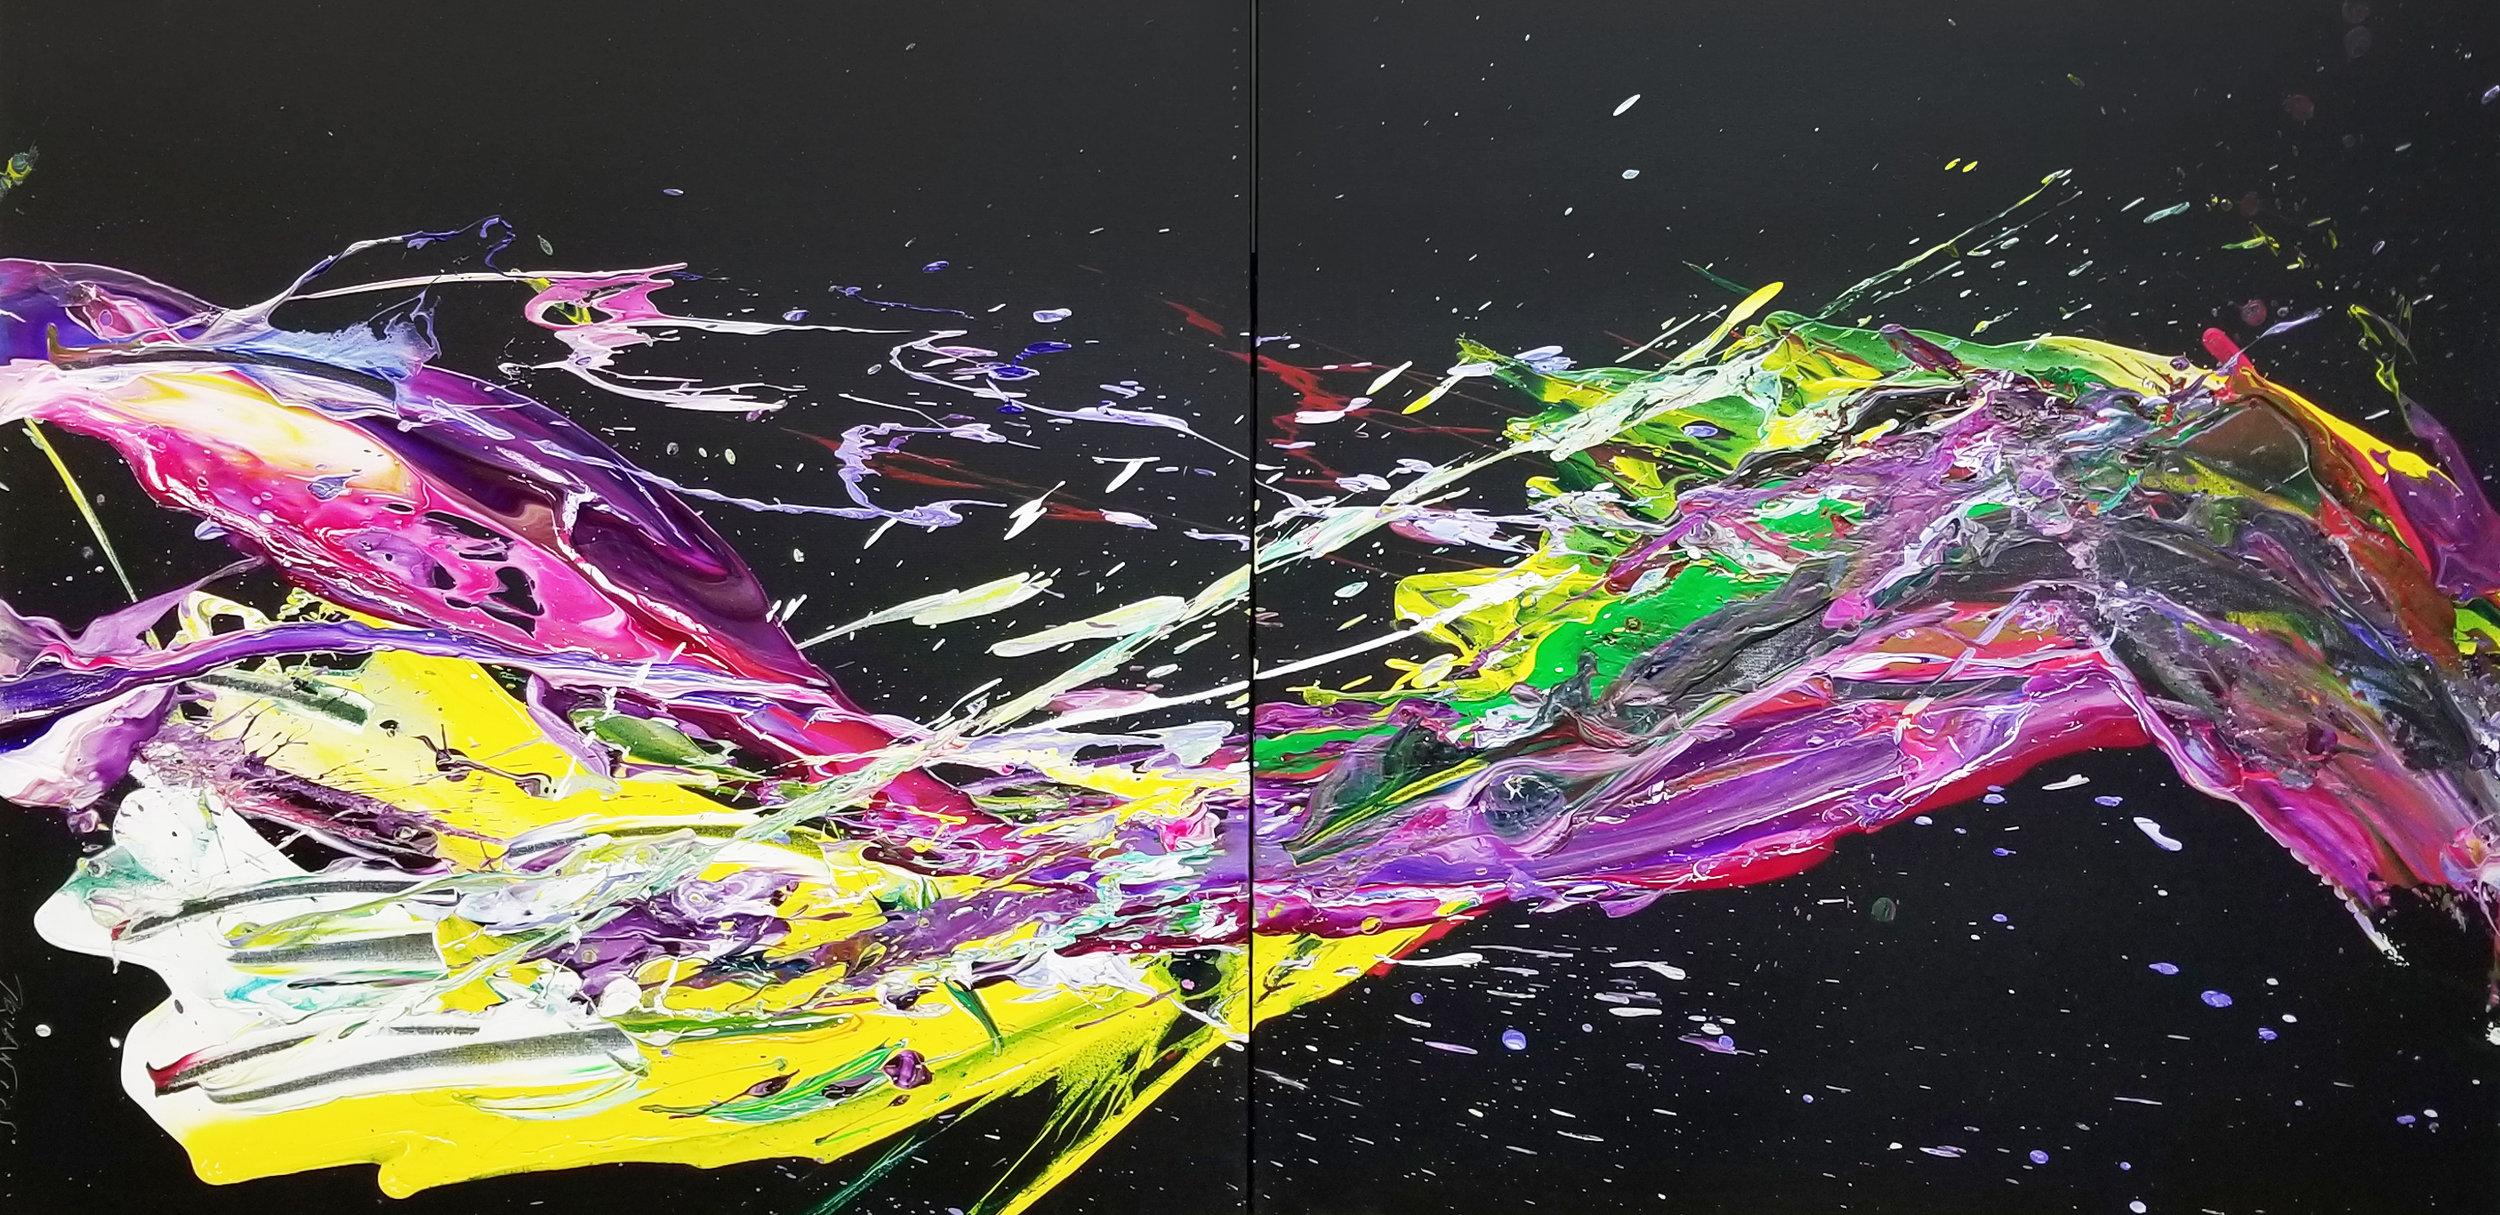 """SP² #71, 2017, acrylic on canvas, 36"""" x 72"""" (91.4 x 183 cm)"""